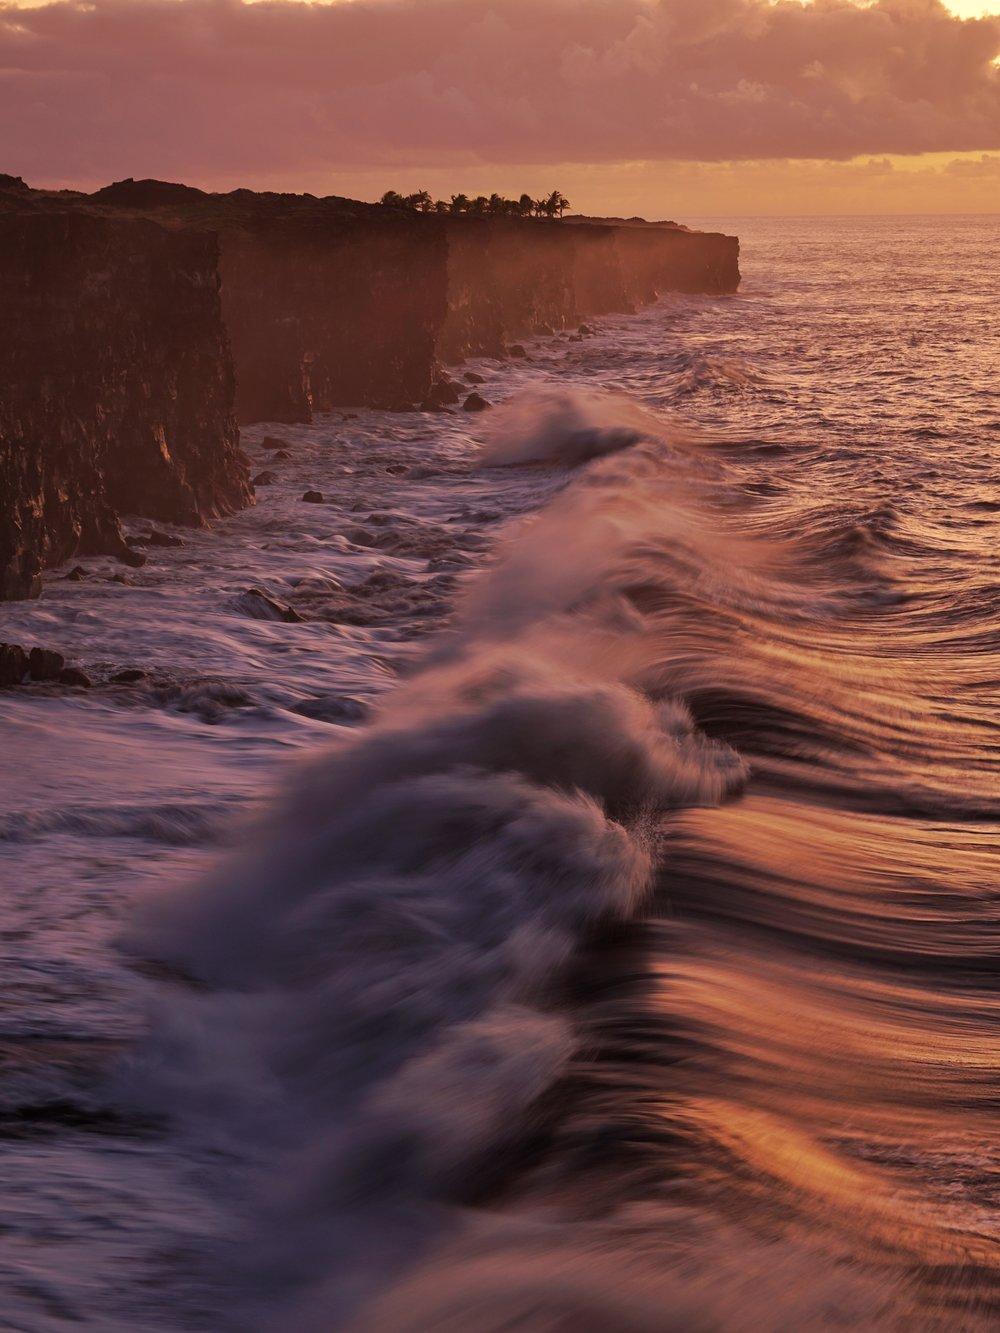 Waves in Crashing in Hawai'i